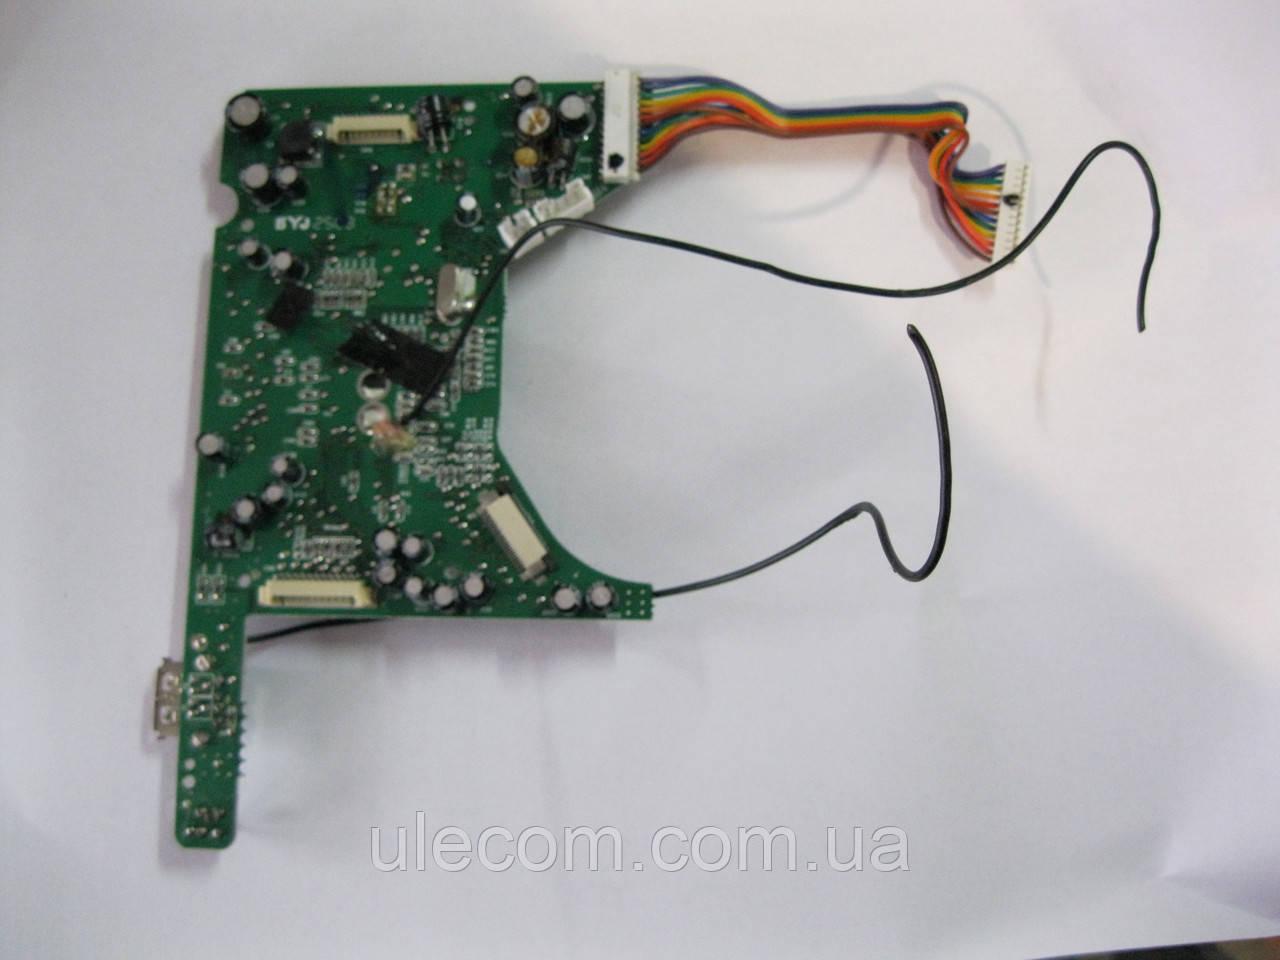 Портативного DVD плеер Ergo TF DVD7006Dплата - Интернет-магазин UleCom в Запорожье